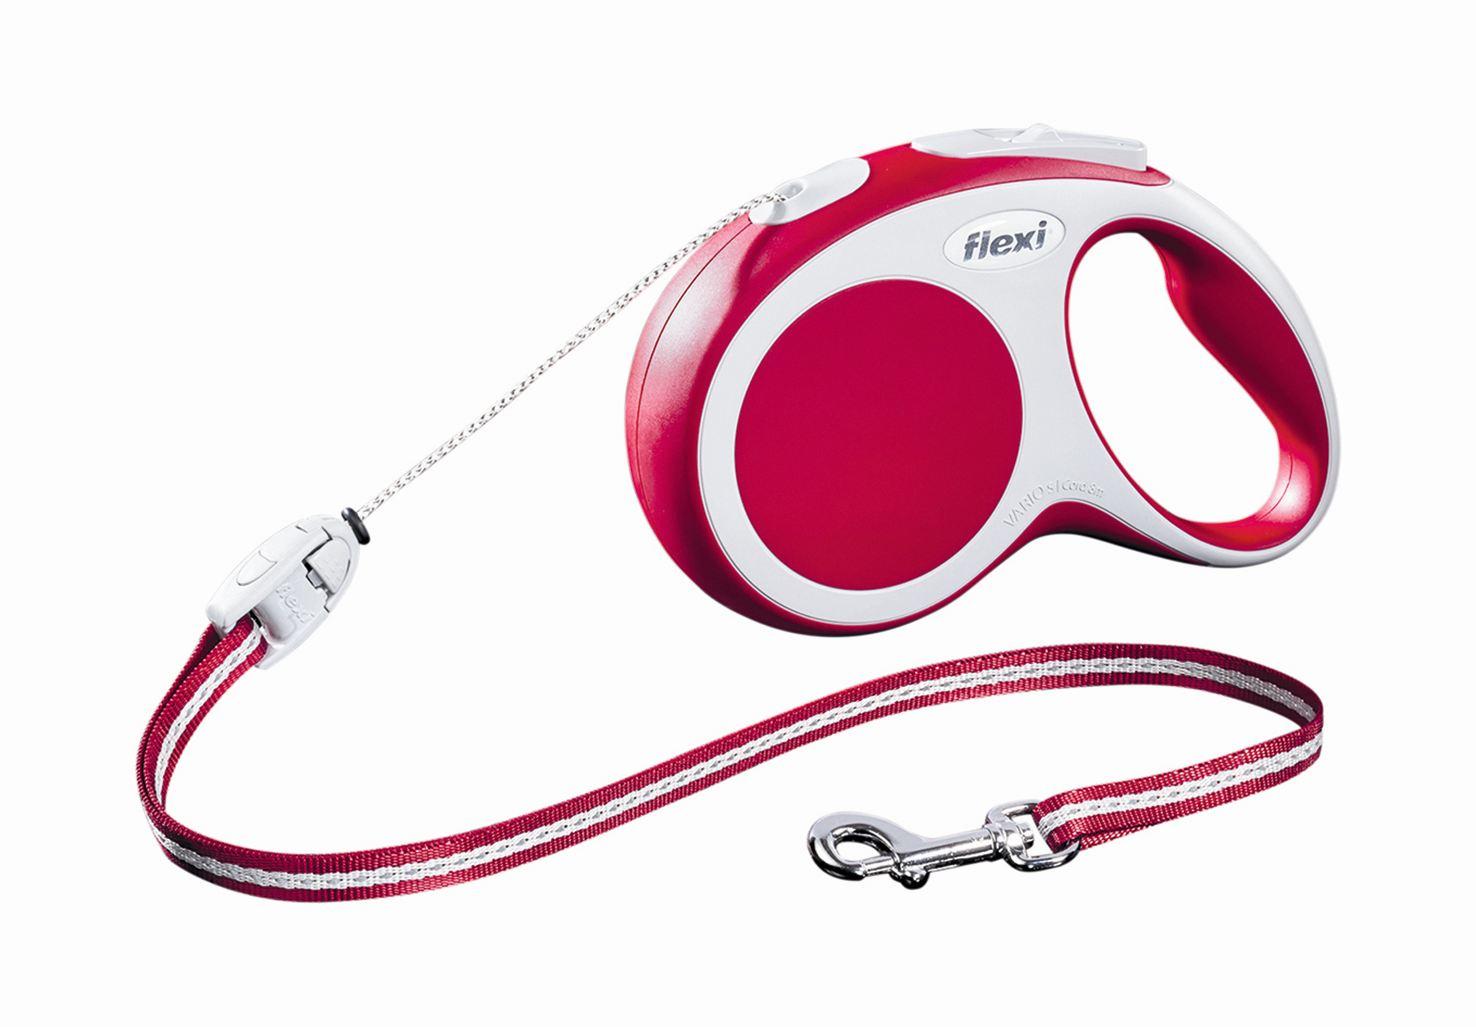 """Поводок-рулетка Flexi """"Vario Long S"""" для собак до 12 кг, цвет: красный, 8 м"""